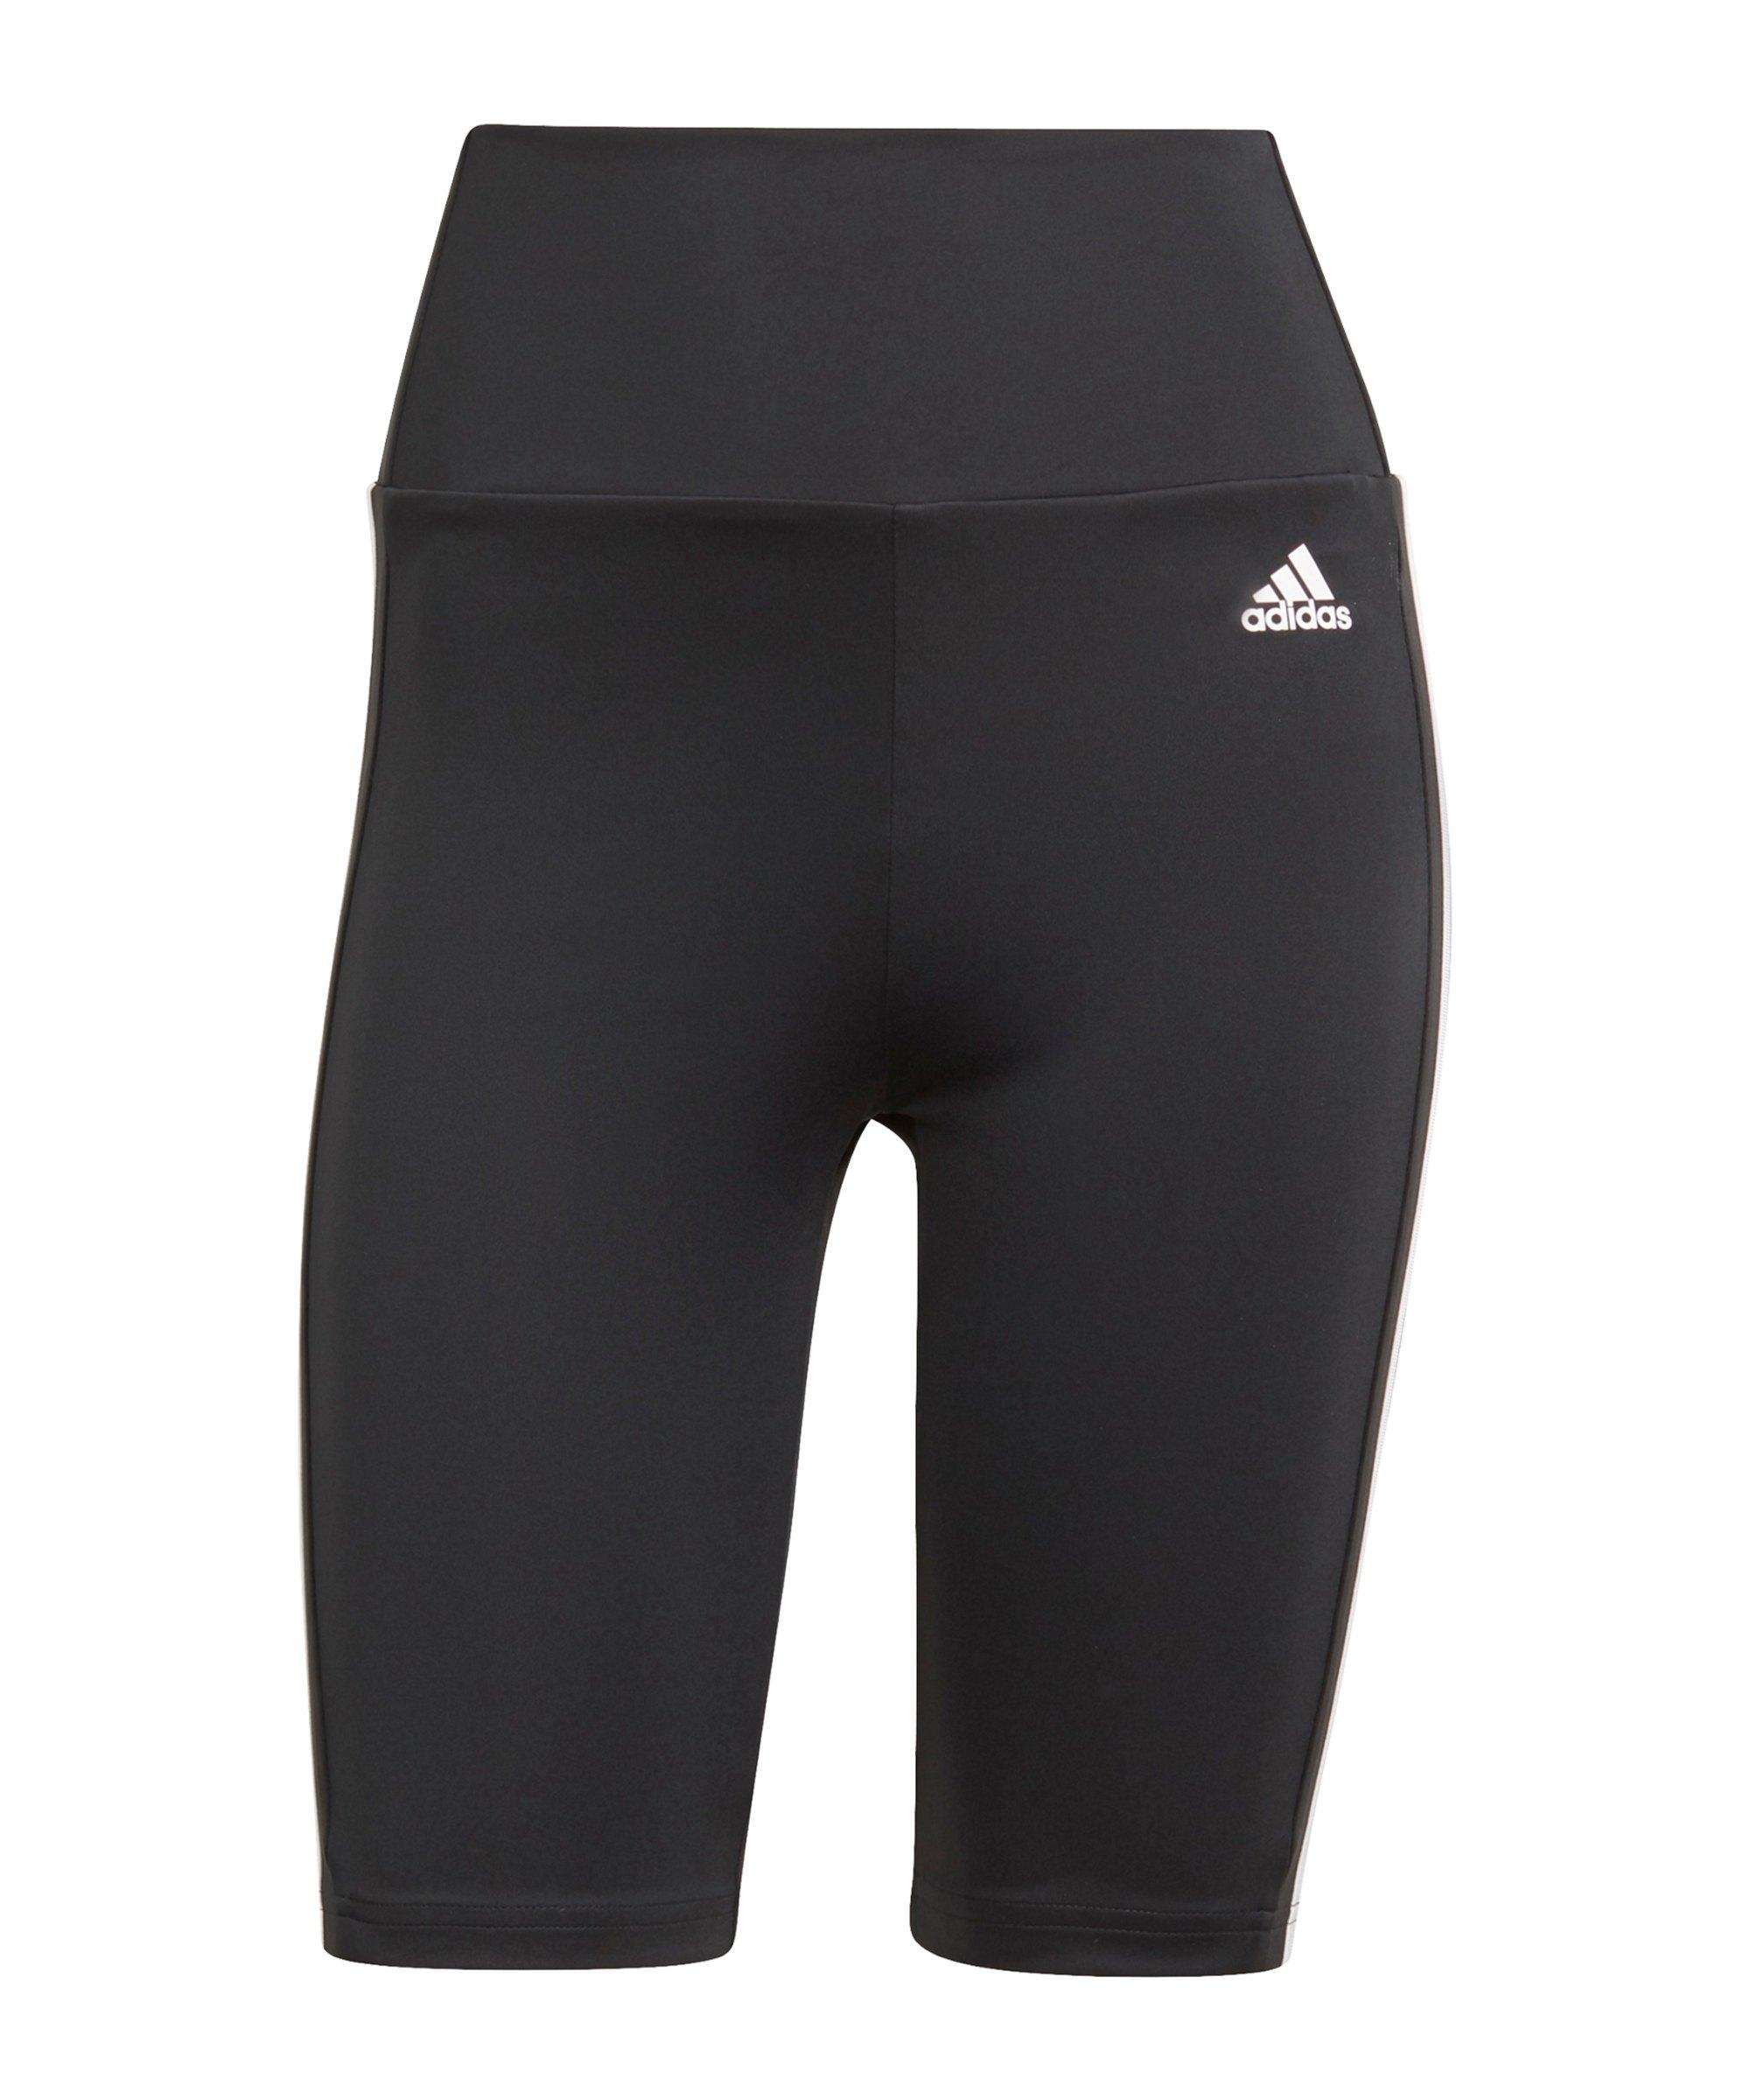 adidas 3S Short Leggings Running Schwarz Weiss - schwarz